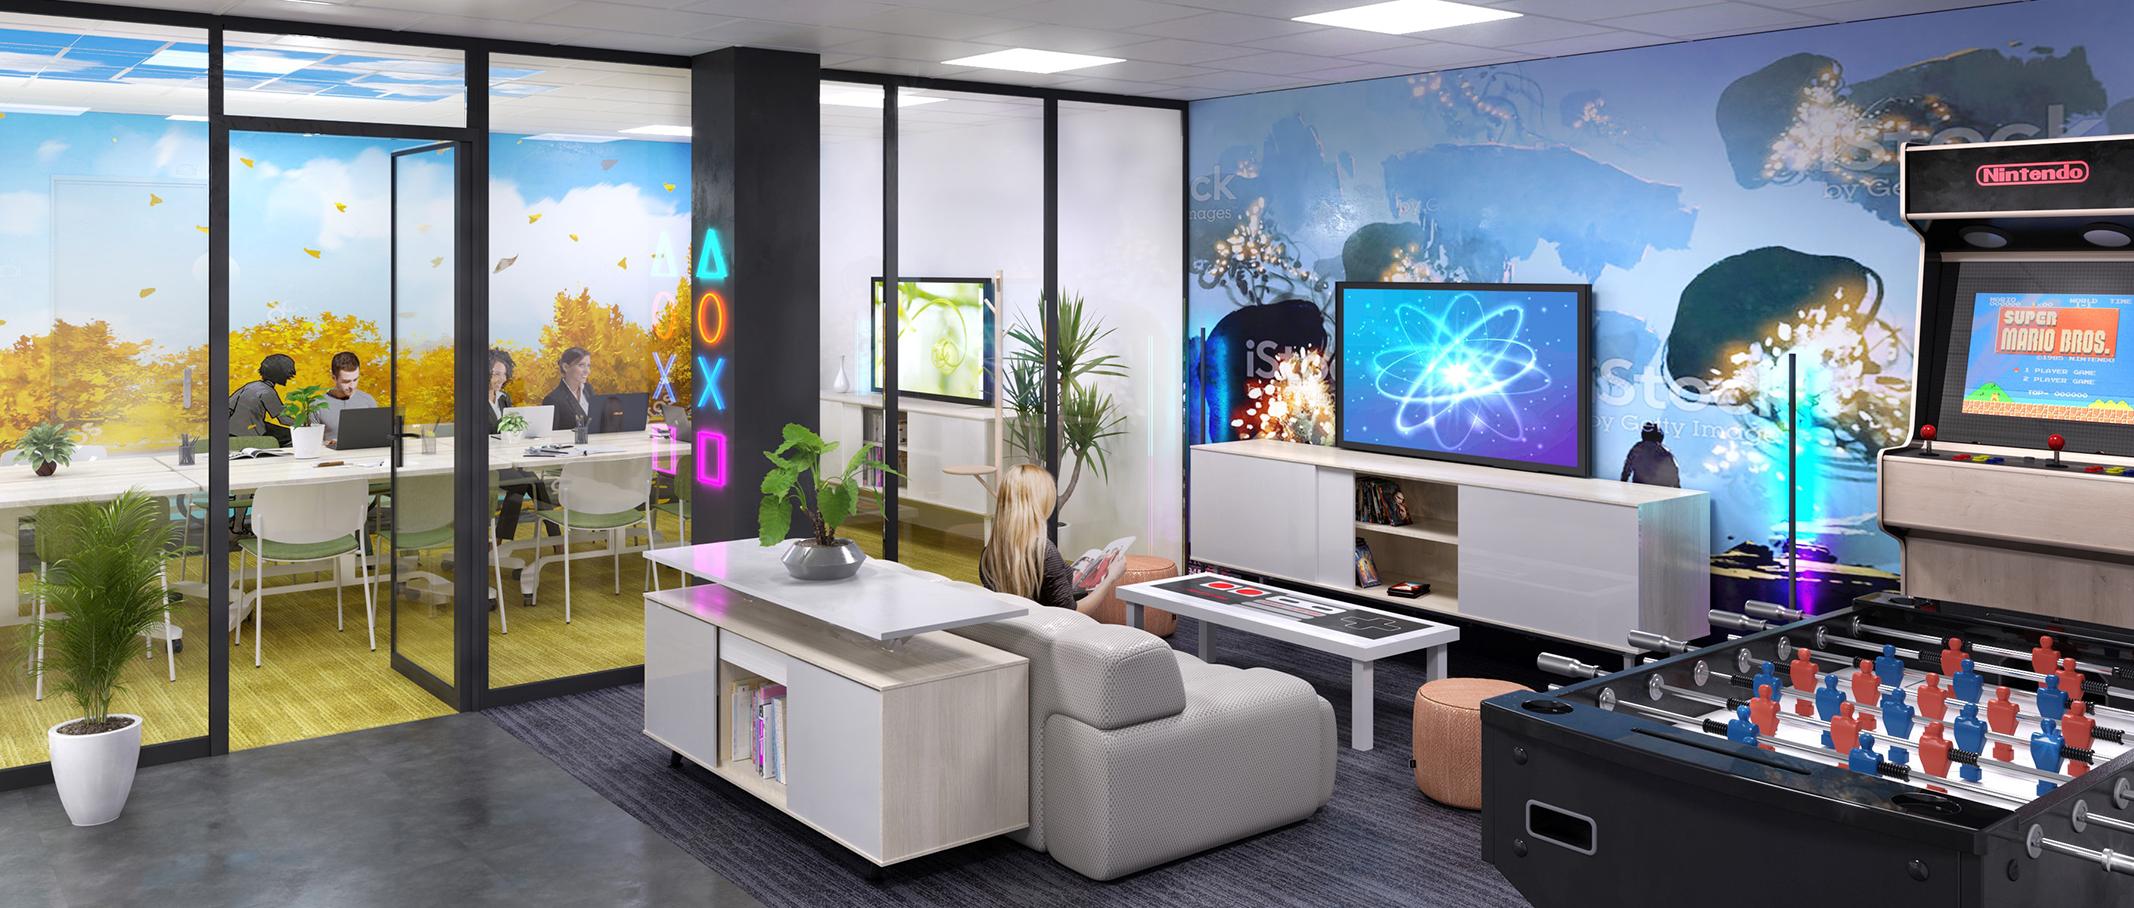 Coworking Aix-en-Provence - Geekroom et salle de réunion